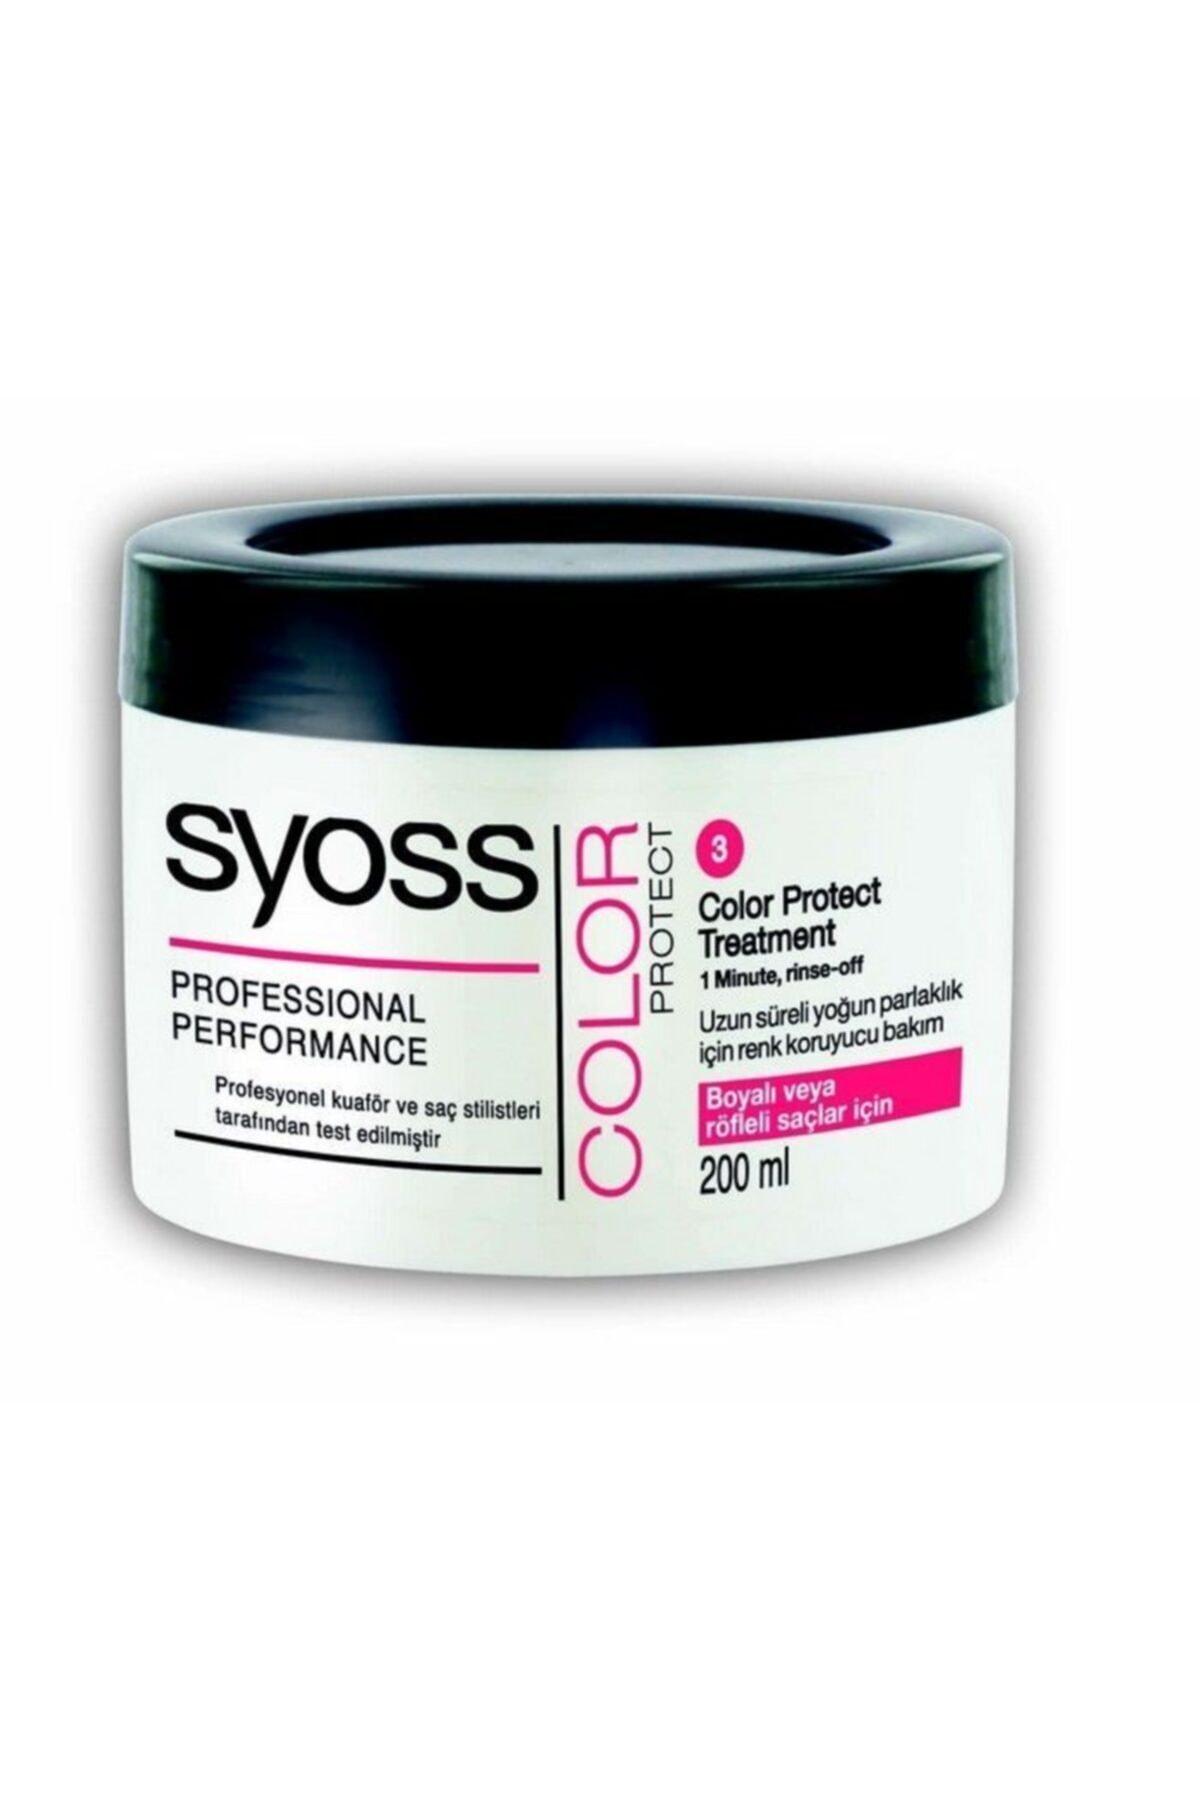 Syoss Renk Koruyucu Saç Bakım Kremi 200ml Maske 1